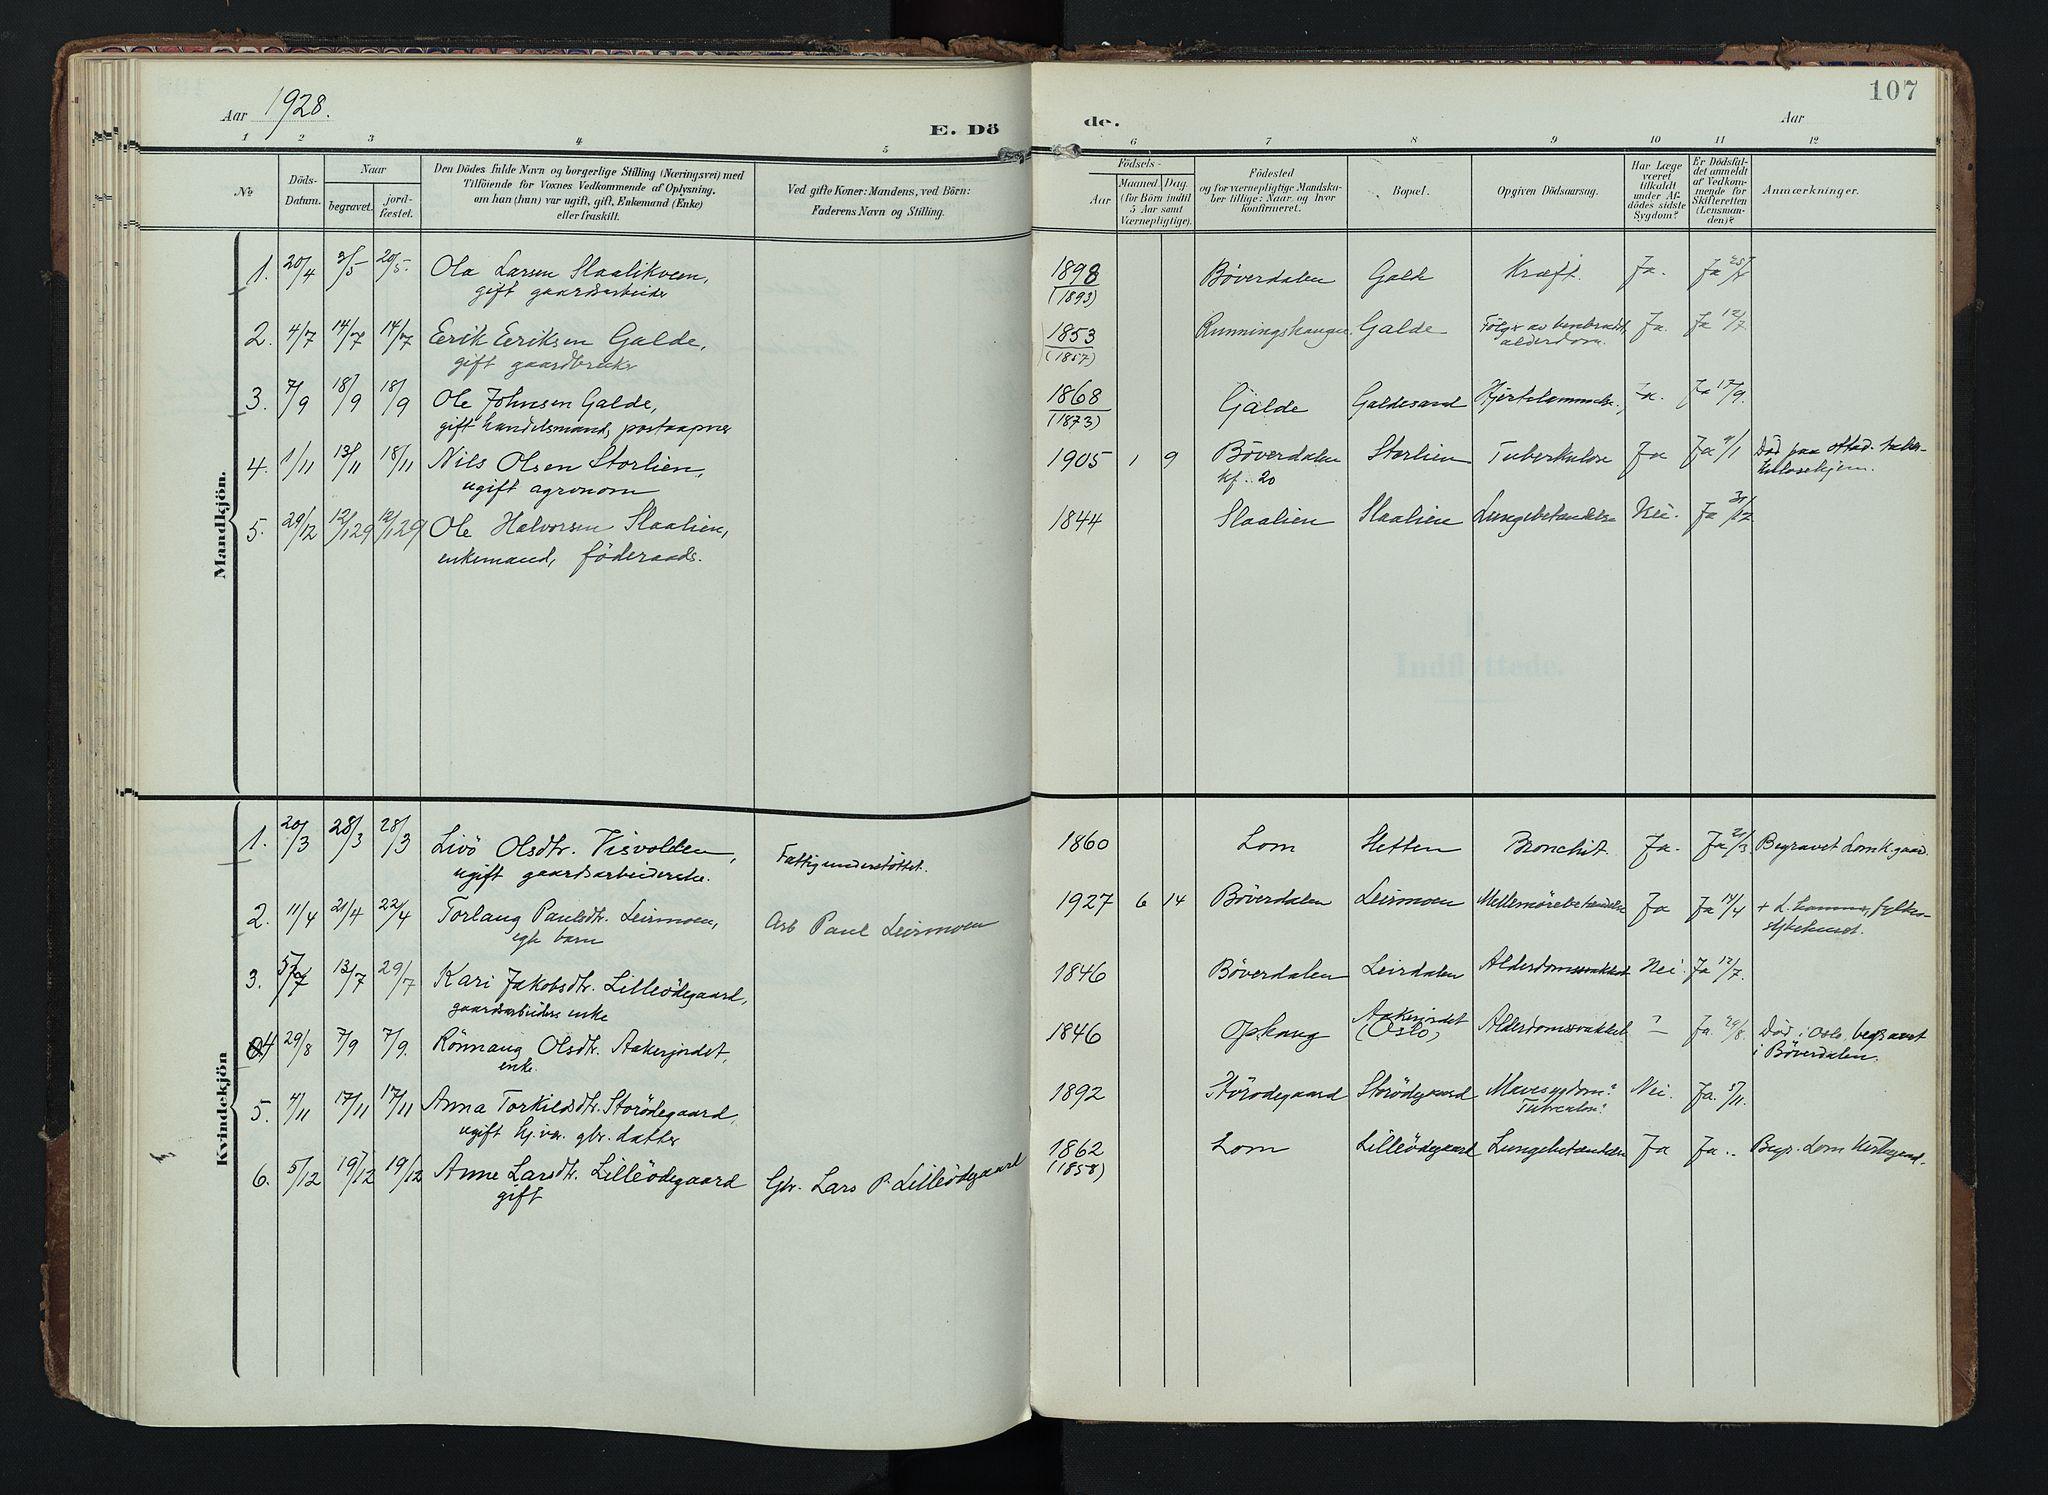 SAH, Lom prestekontor, K/L0012: Ministerialbok nr. 12, 1904-1928, s. 107